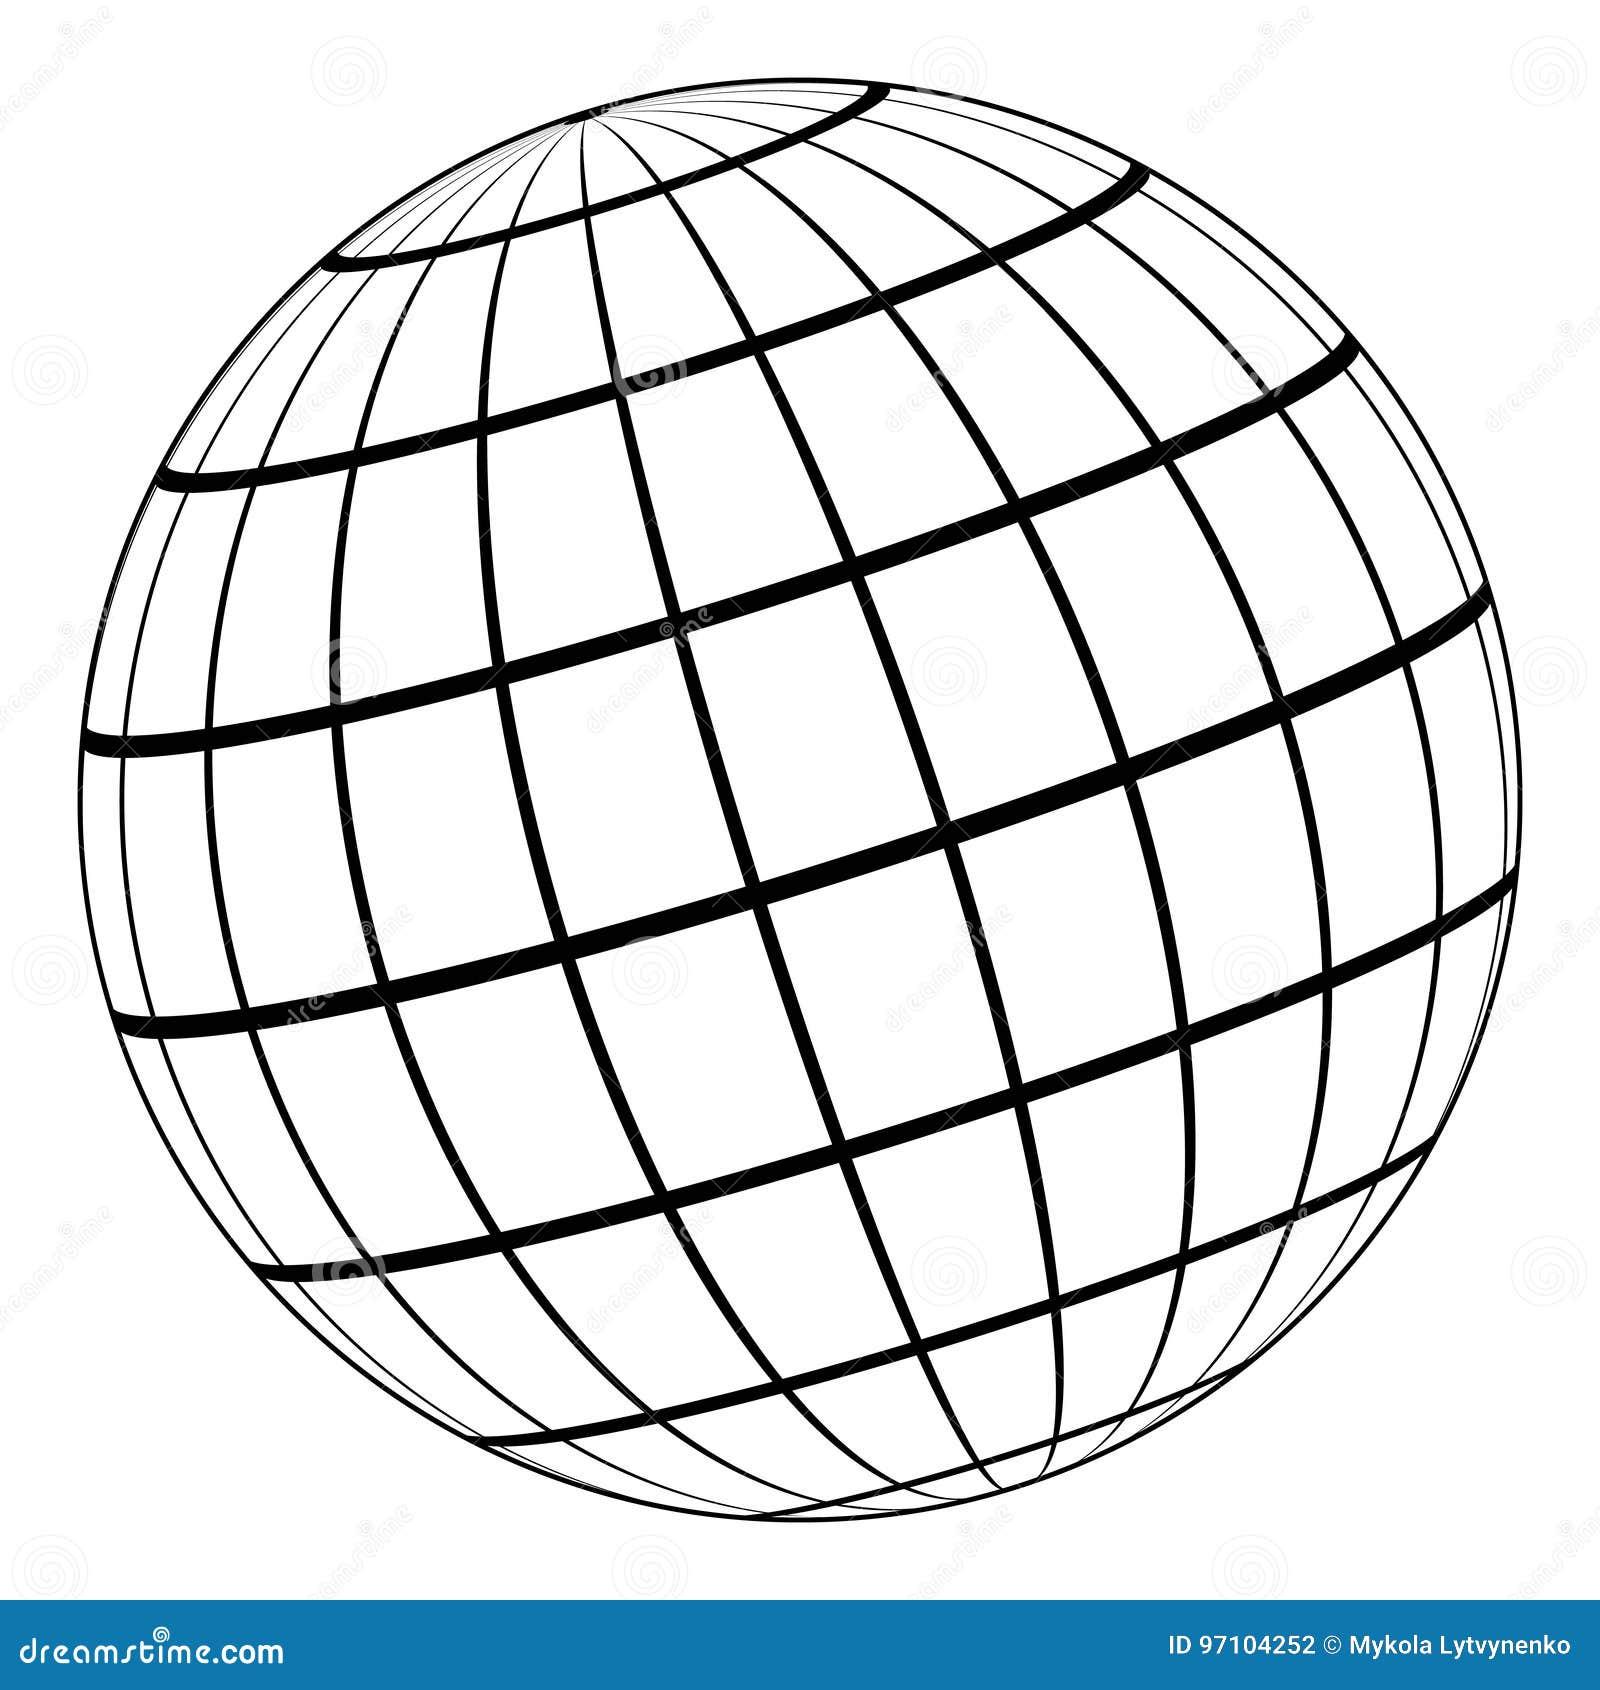 Modell der Kugel 3D der Erde oder des Planeten, Modell des himmlischen Bereichs mit beigeordnetem Gitter